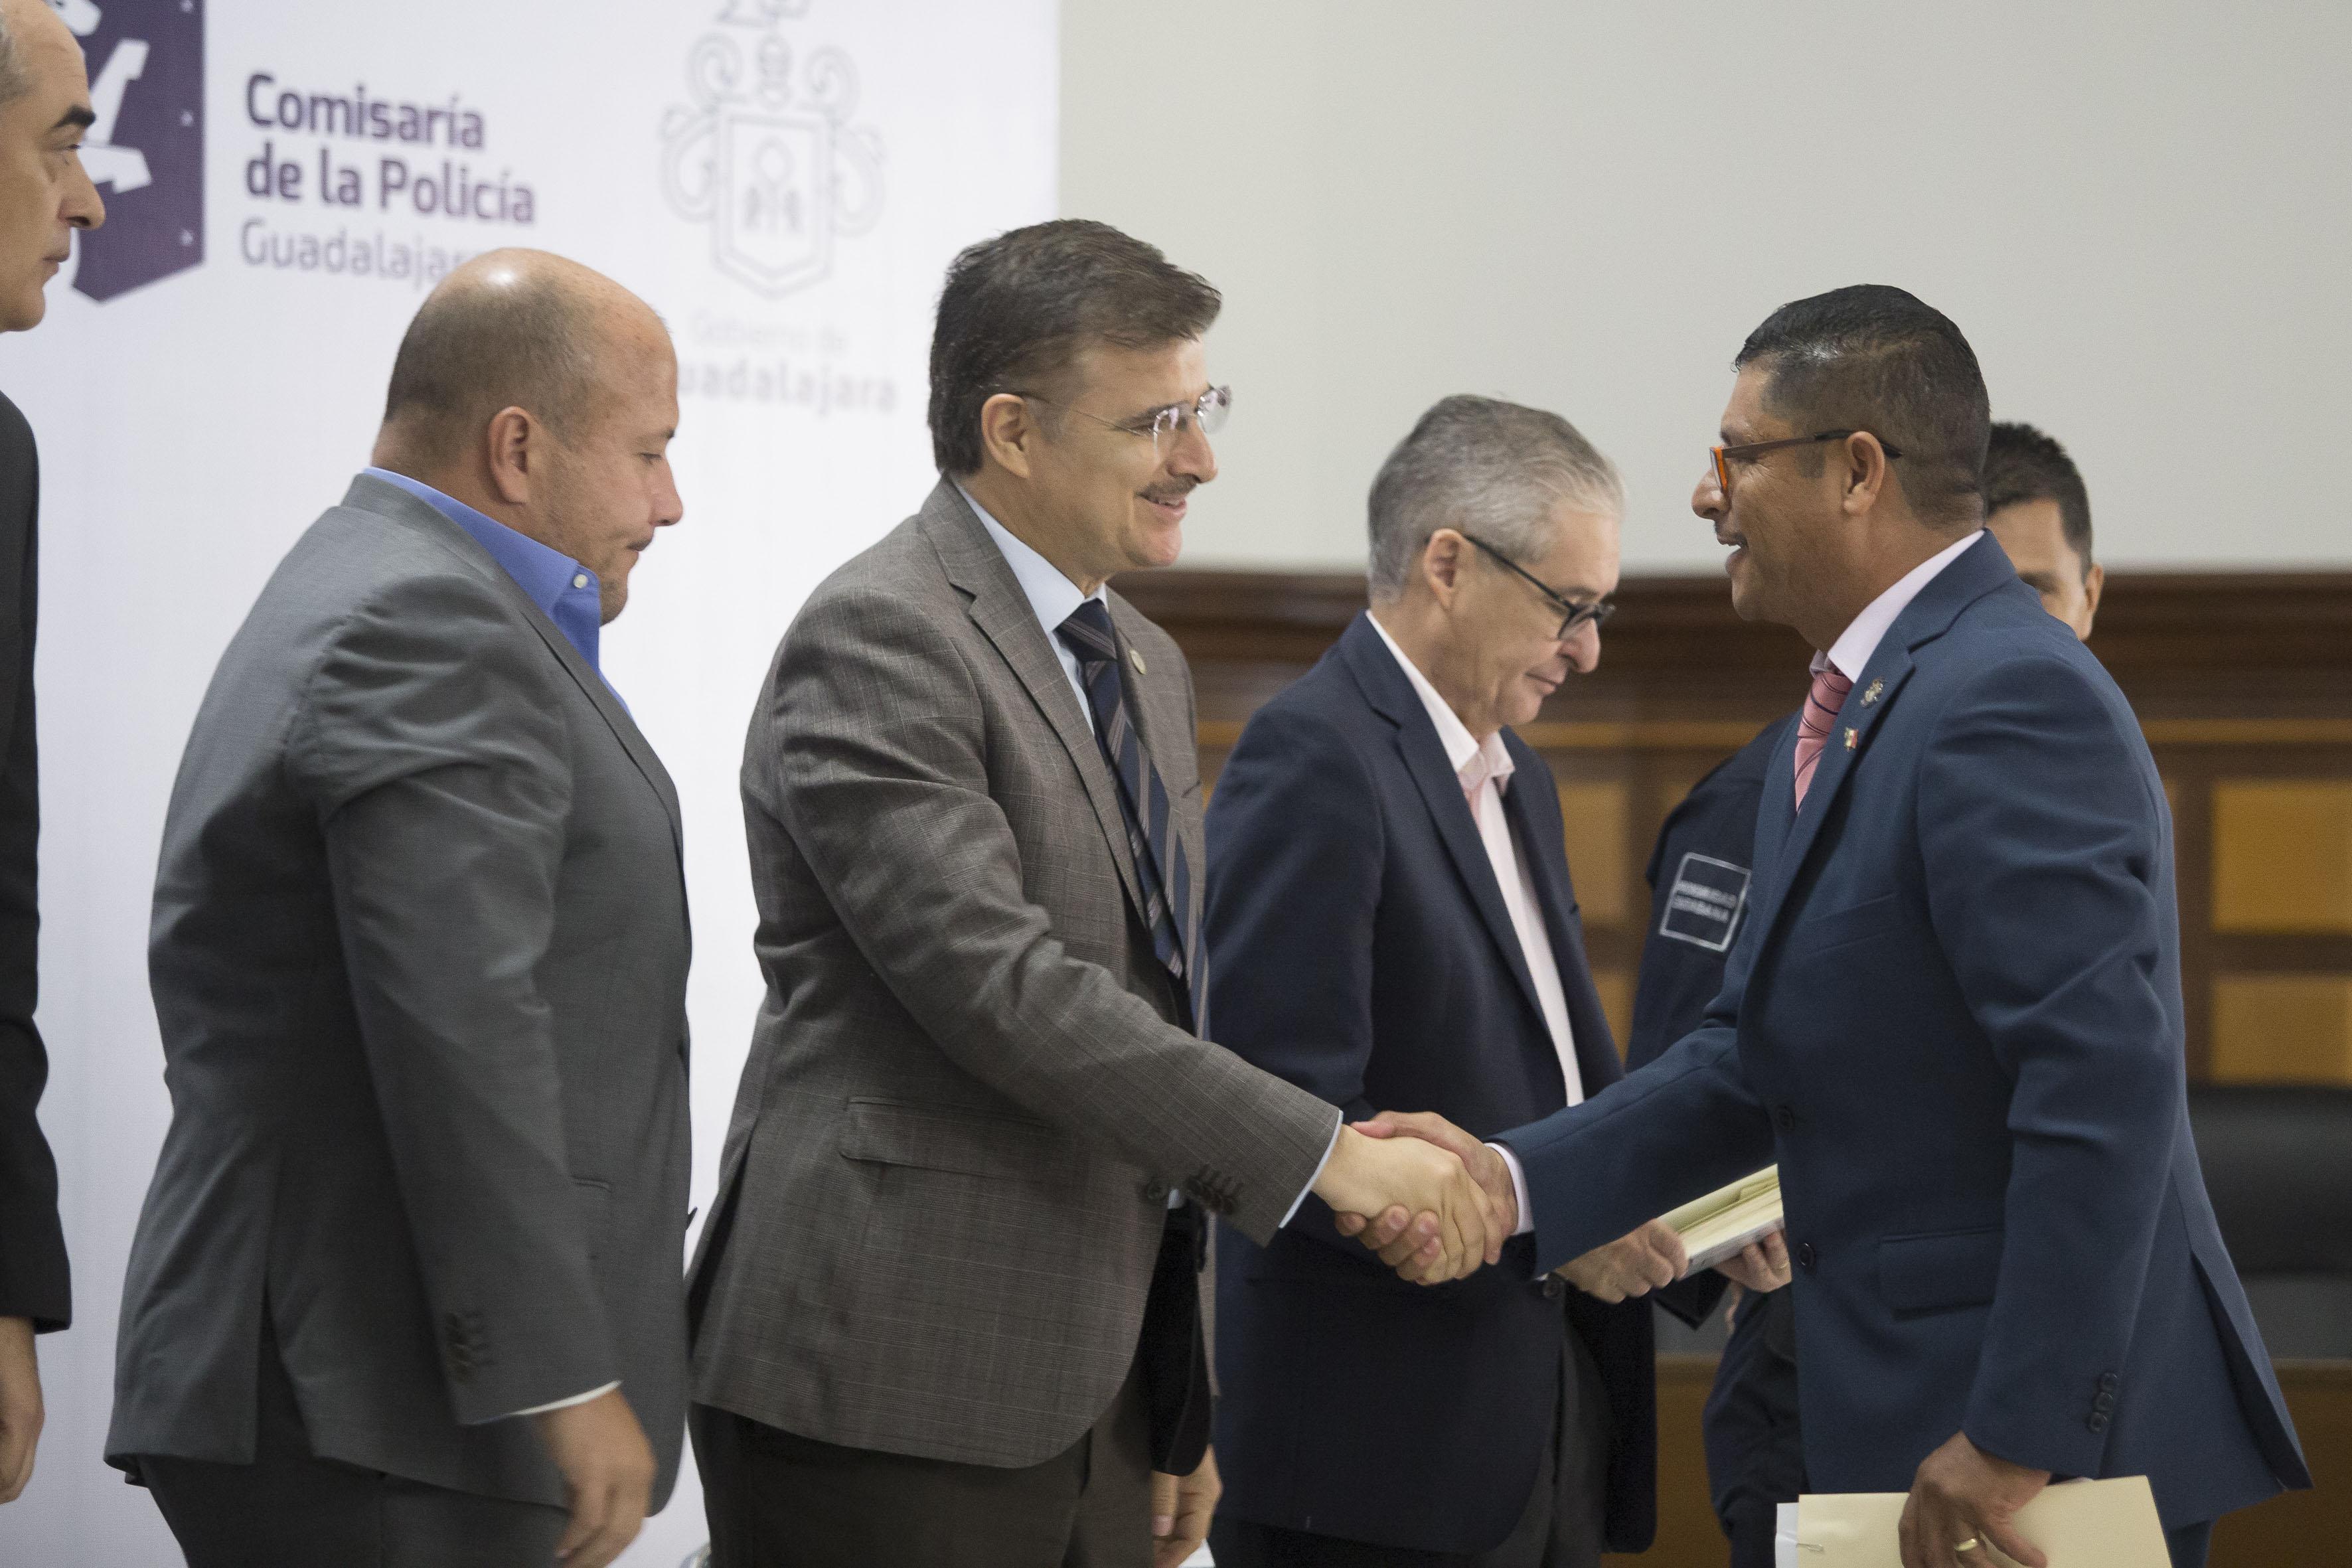 maestro Itzcóatl Tonatiuh Bravo Padilla, Rector General de la Universidad de Guadalajara, felicitando con saludo de mano al comandante José de Jesús de Anda Zambrano.